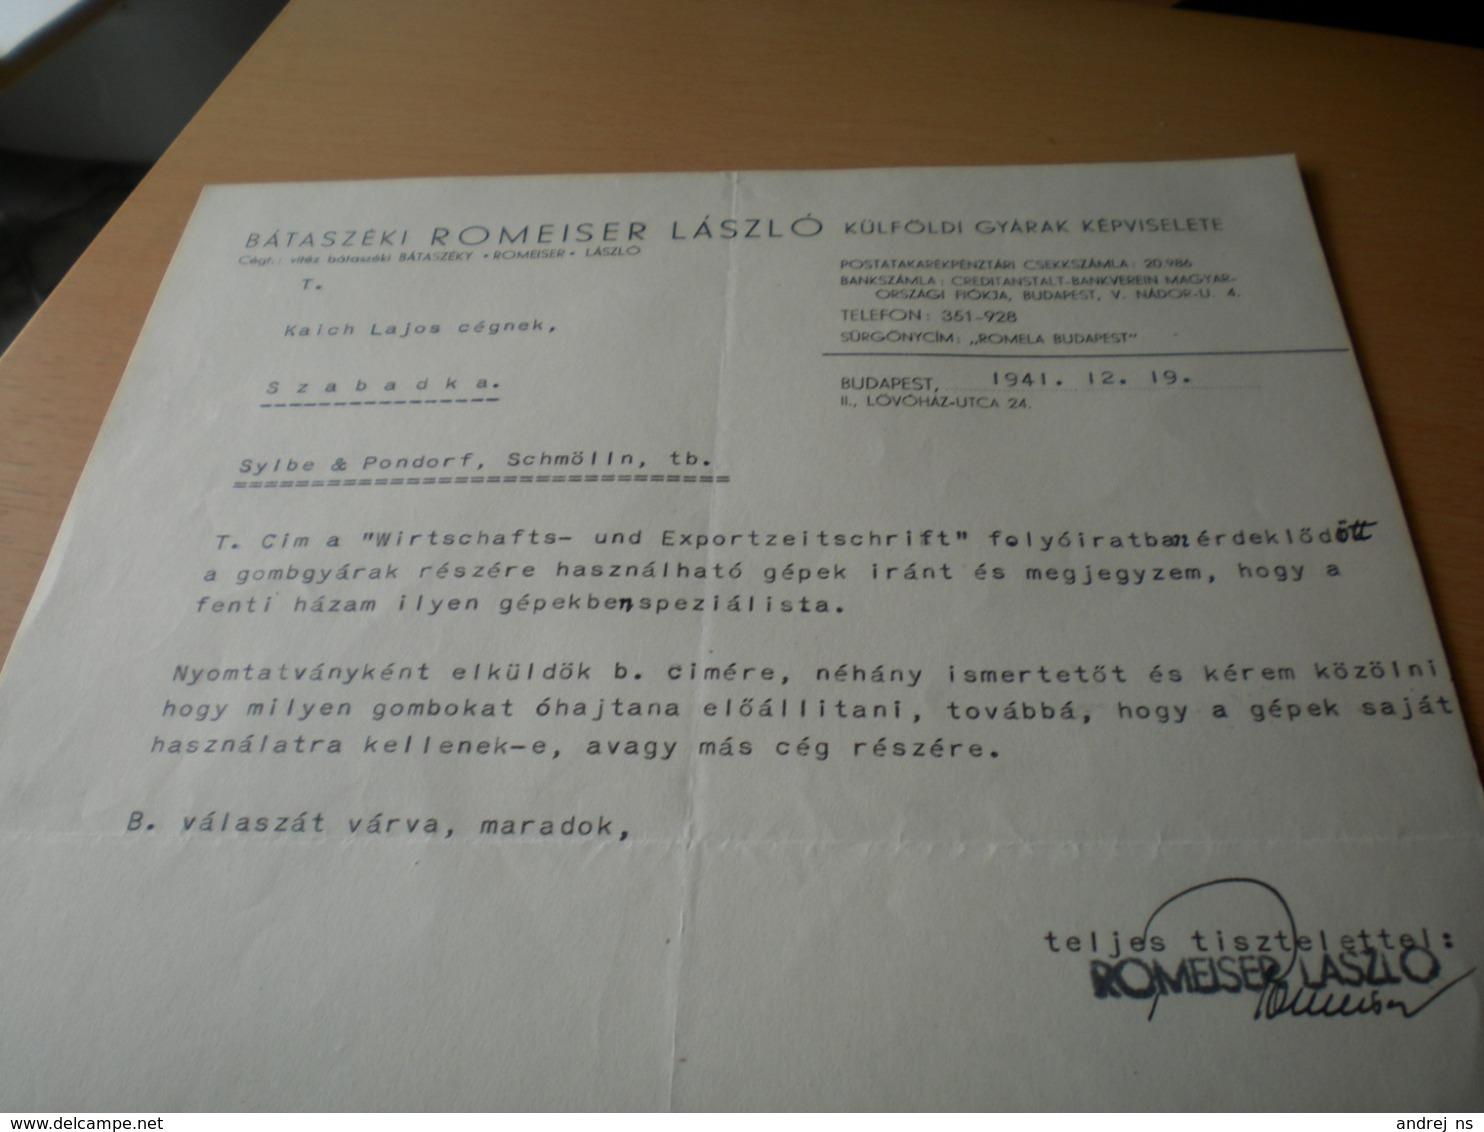 Budapest Bataszeki Romeiser Laszlo - Facturas & Documentos Mercantiles